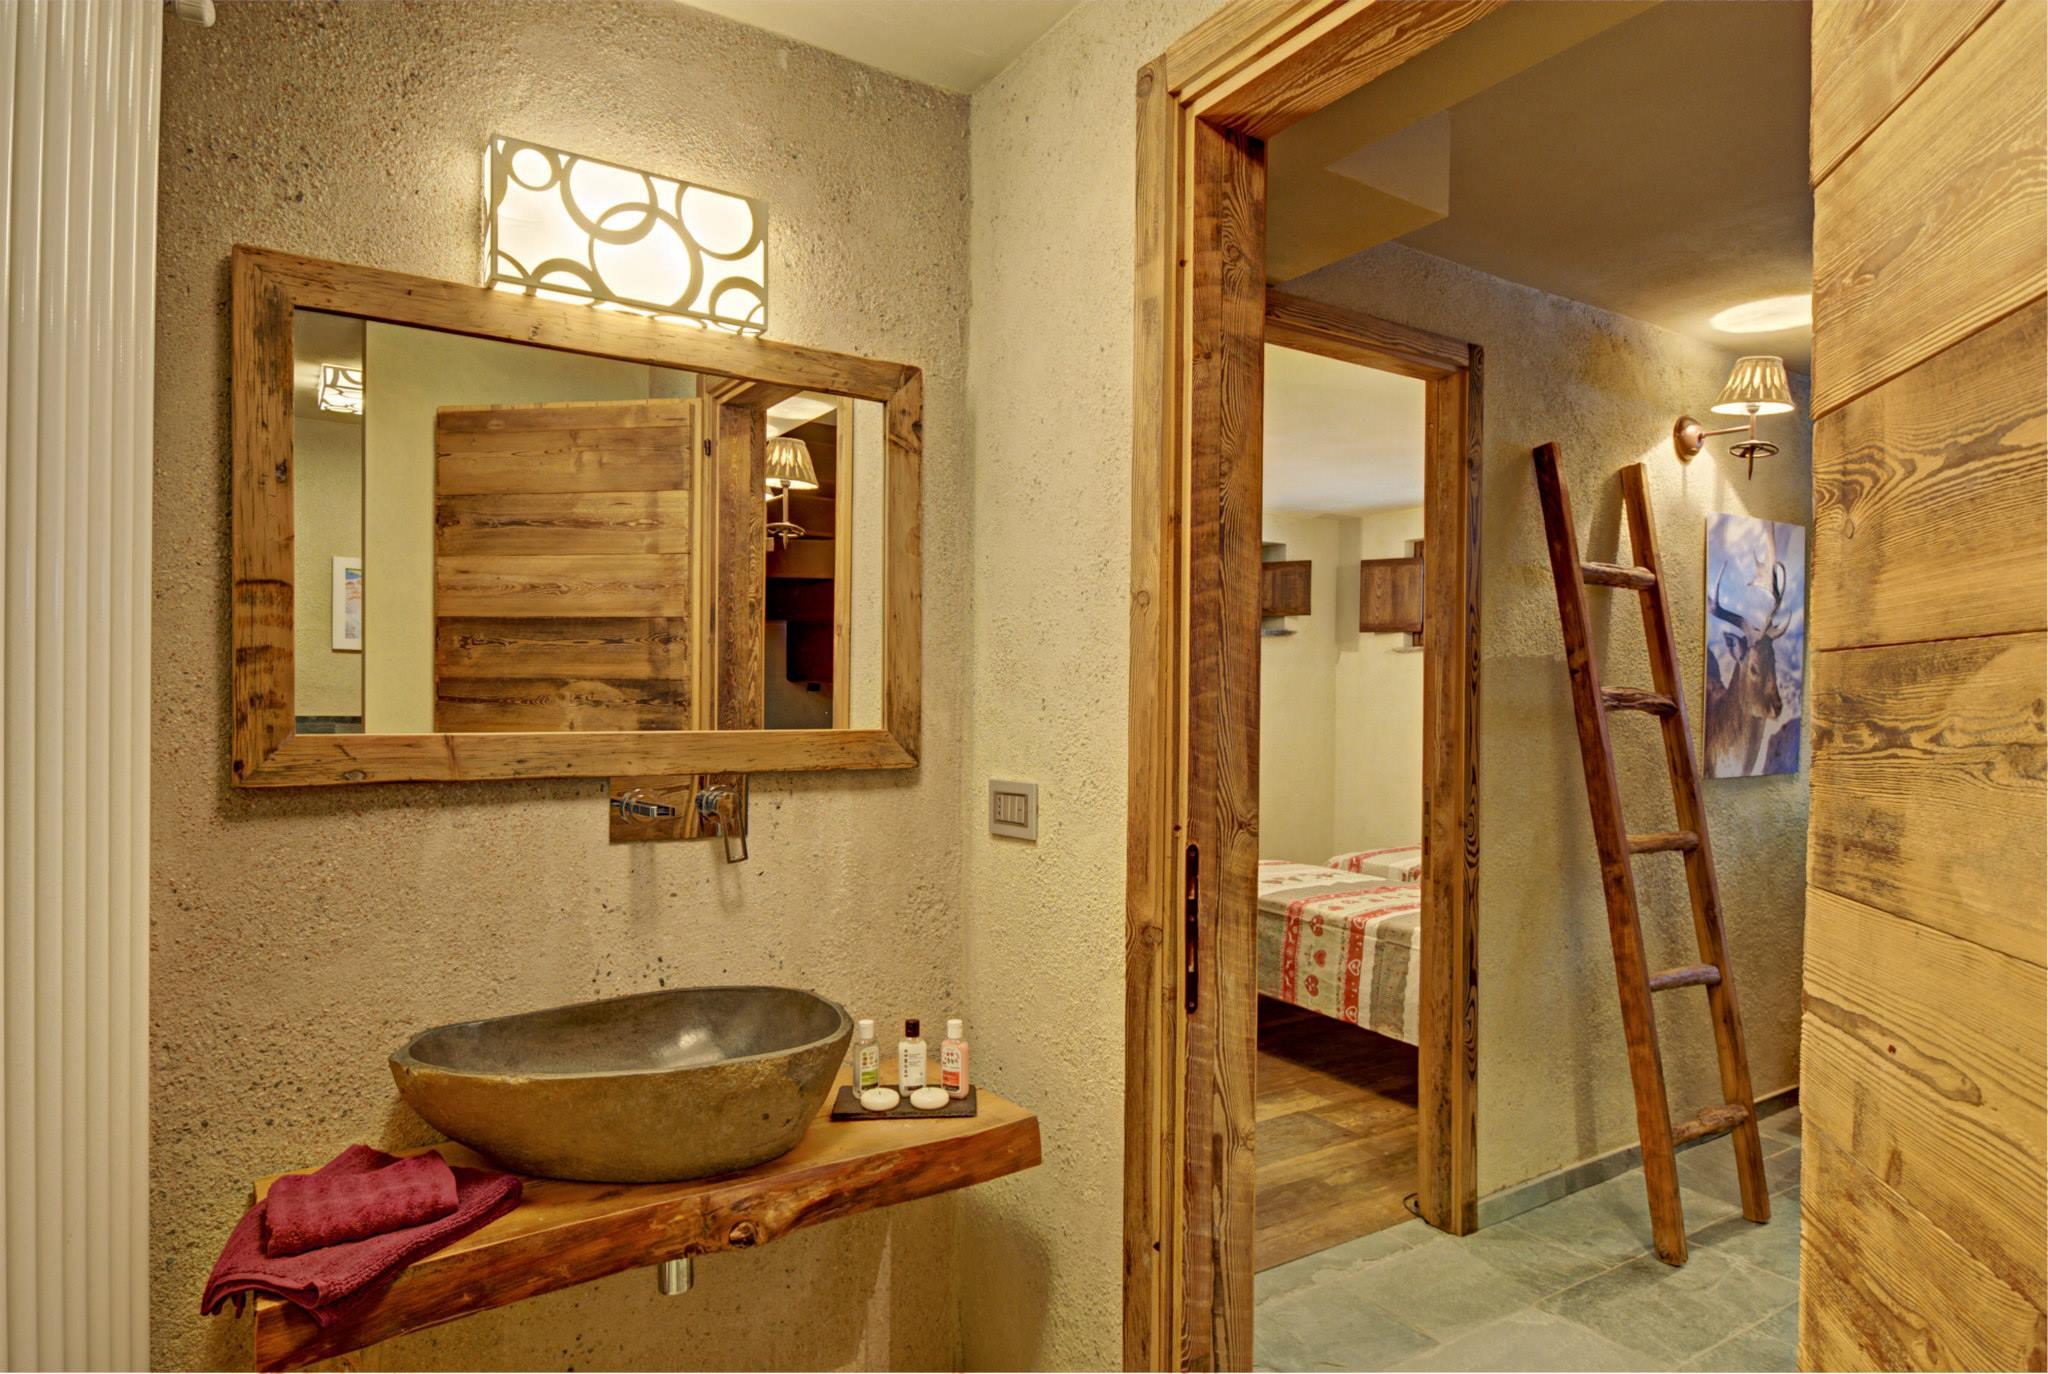 decoracion de interiores rusticos economicos:Diseño de interiores rústico uso de madera y piedra